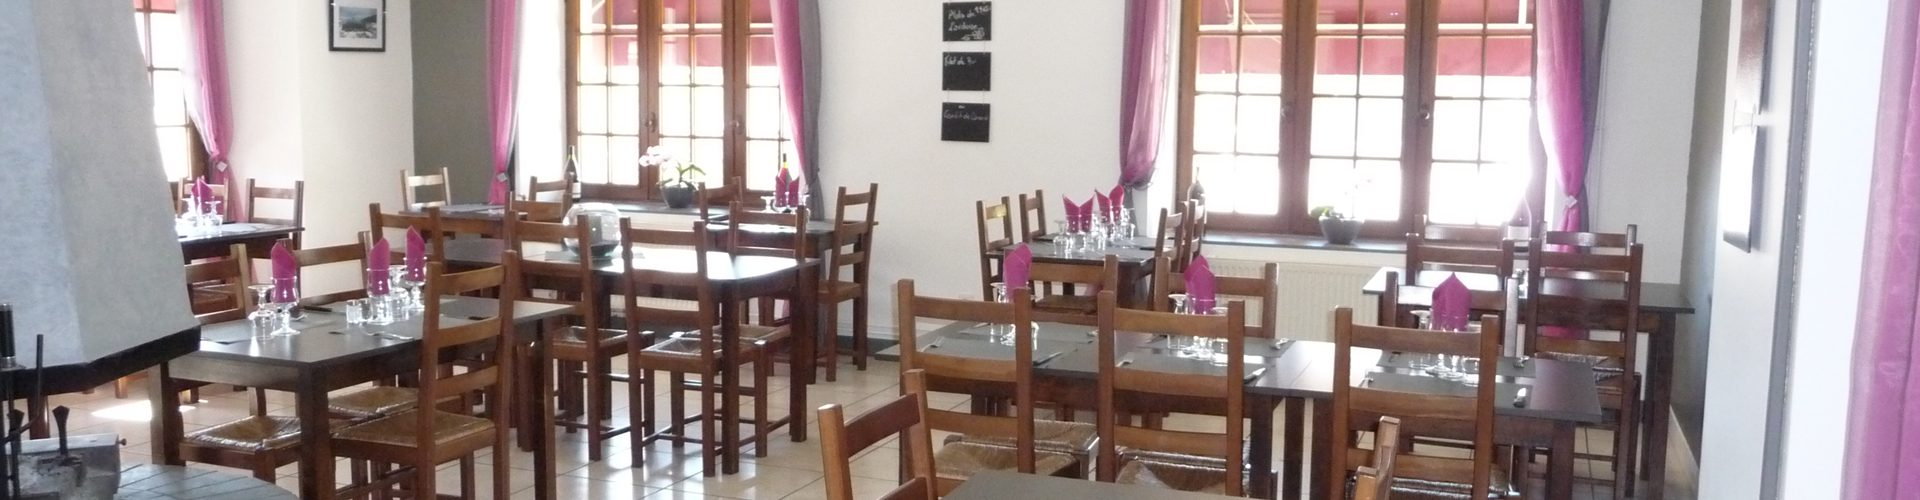 Restaurant Le Relais De La Tourelle - Salle